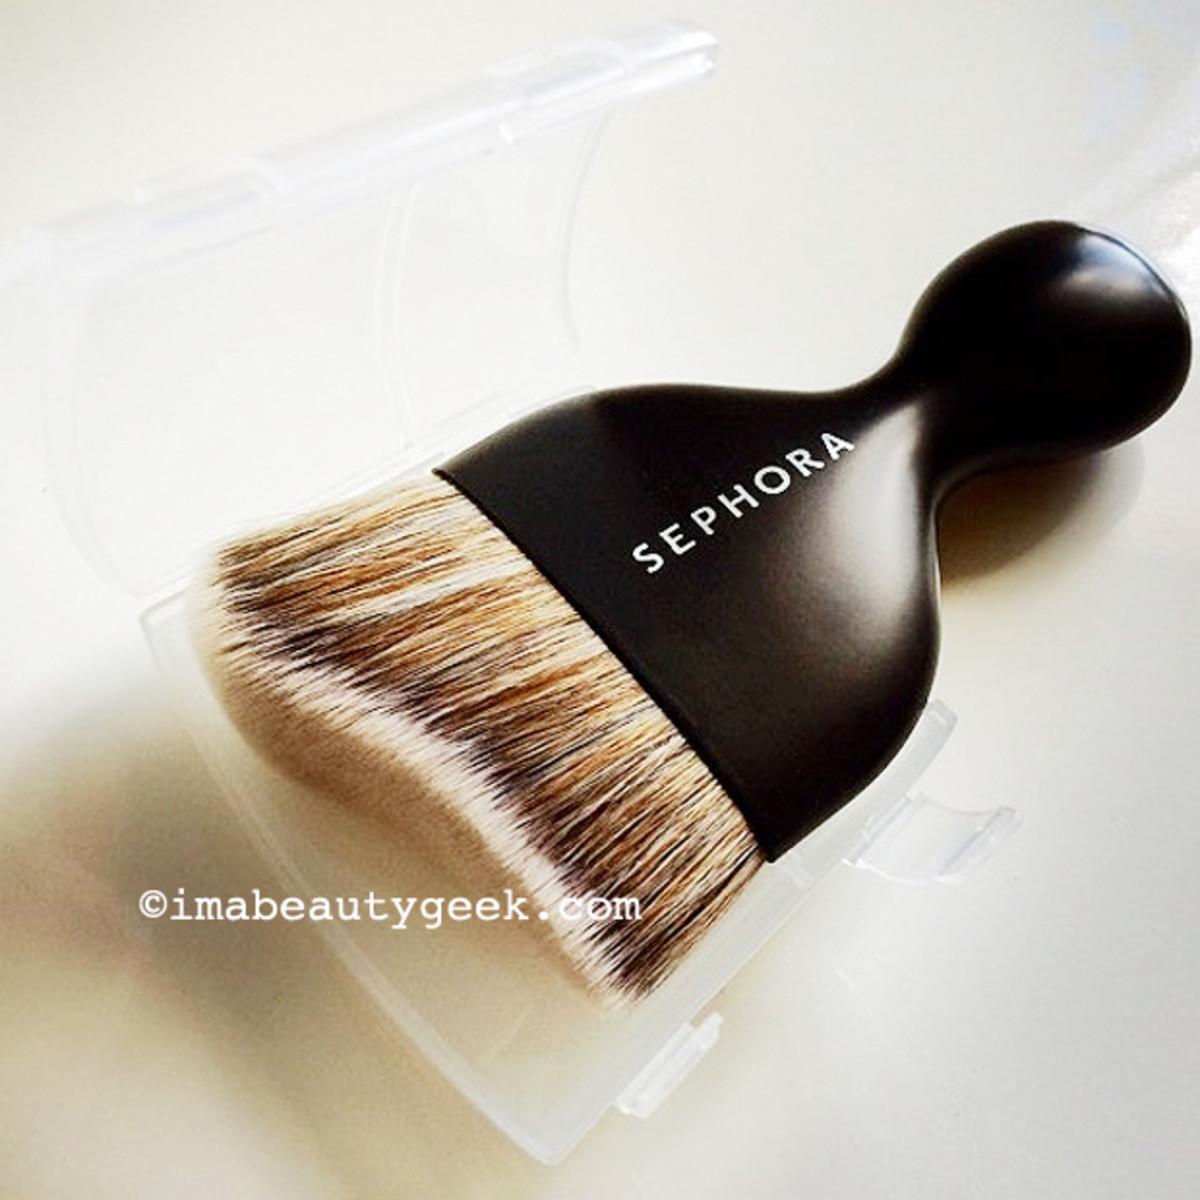 Sephora Pro Contour Kabuki makeup brush